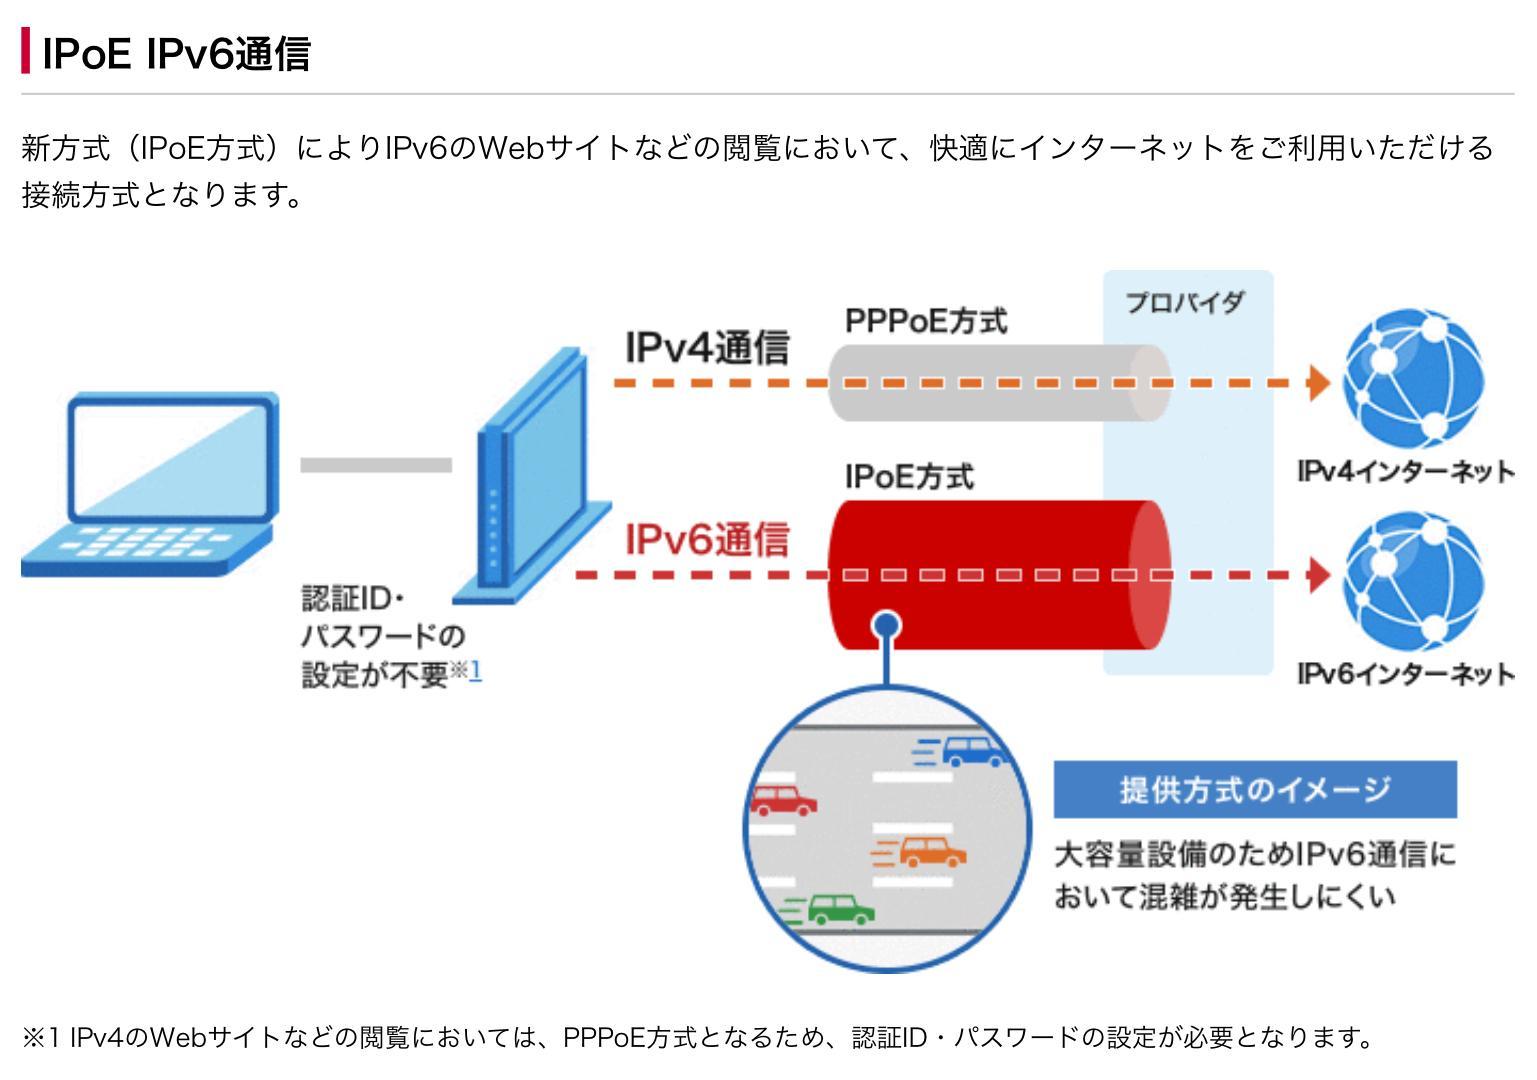 IPoE方式の通信は常に安定しているので快適にネットが利用できる